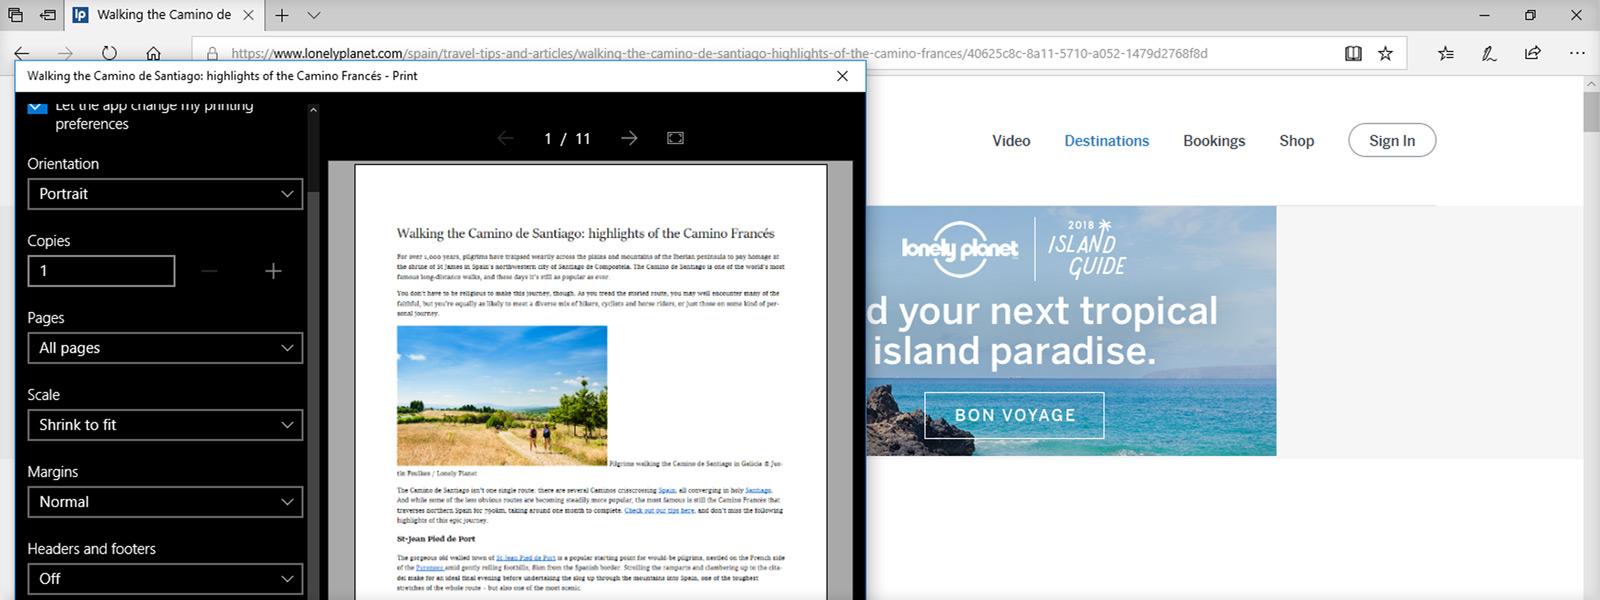 Image d'écran montrant l'aperçu d'impression d'une page Web donnée dans Edge sans les publicités